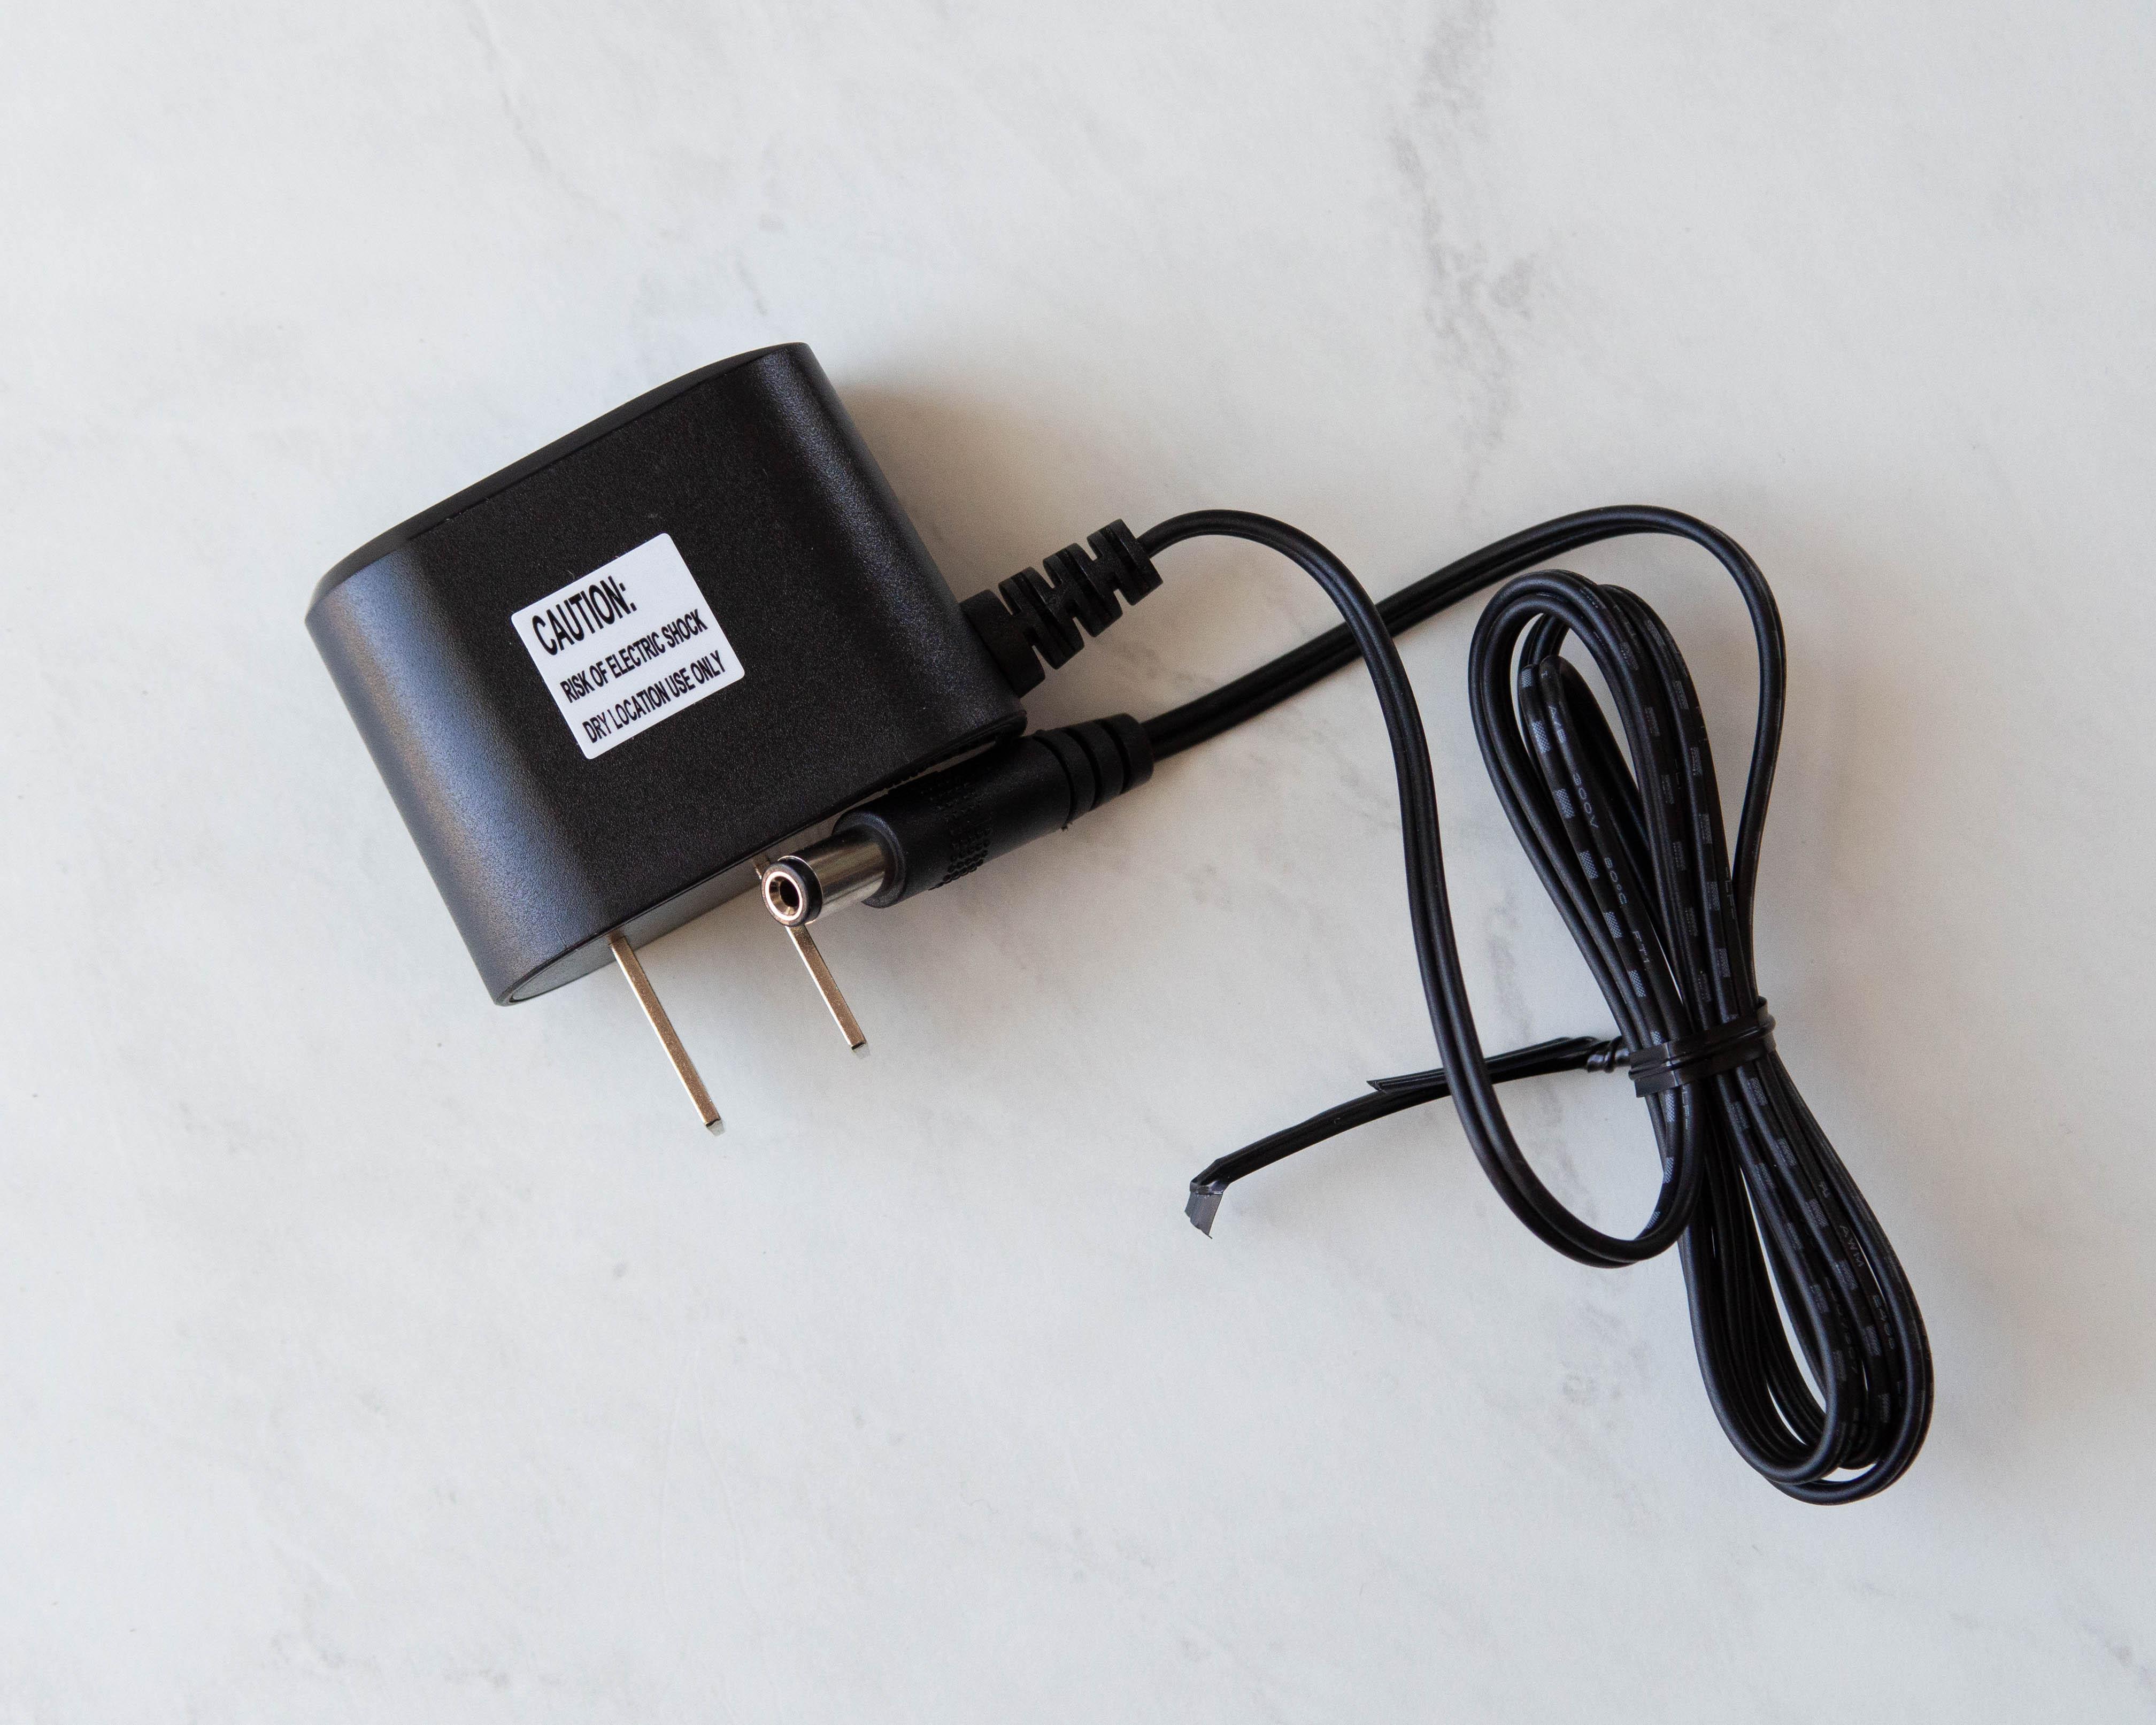 Adaptateur secteur, power adapter